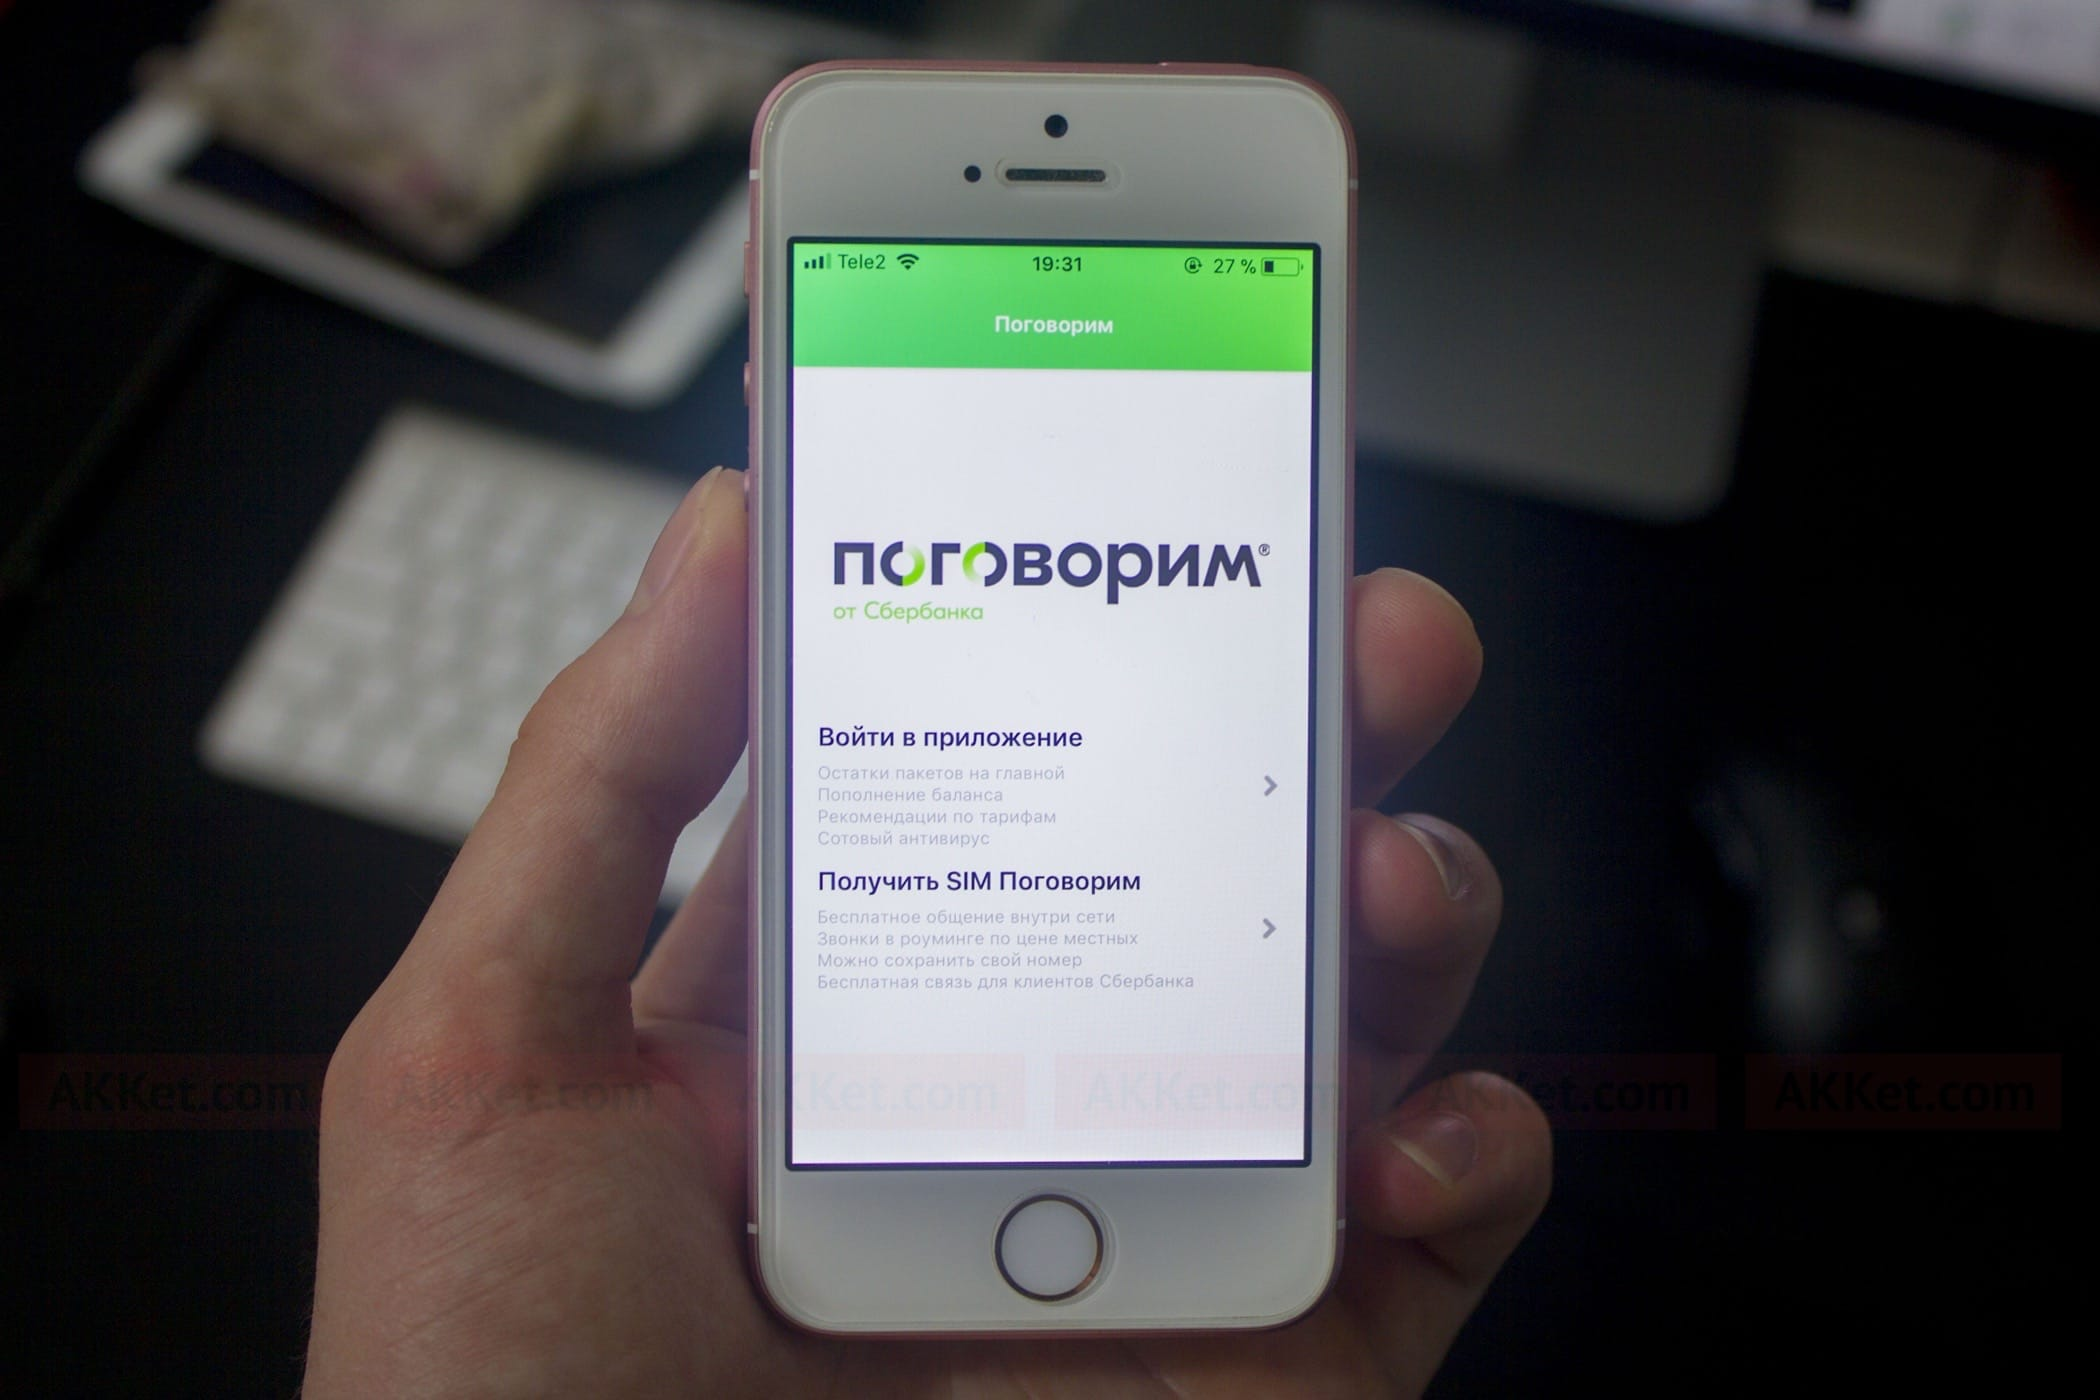 Сберегательный банк может в2015 году запустить своего собственного мобильного оператора в столице России